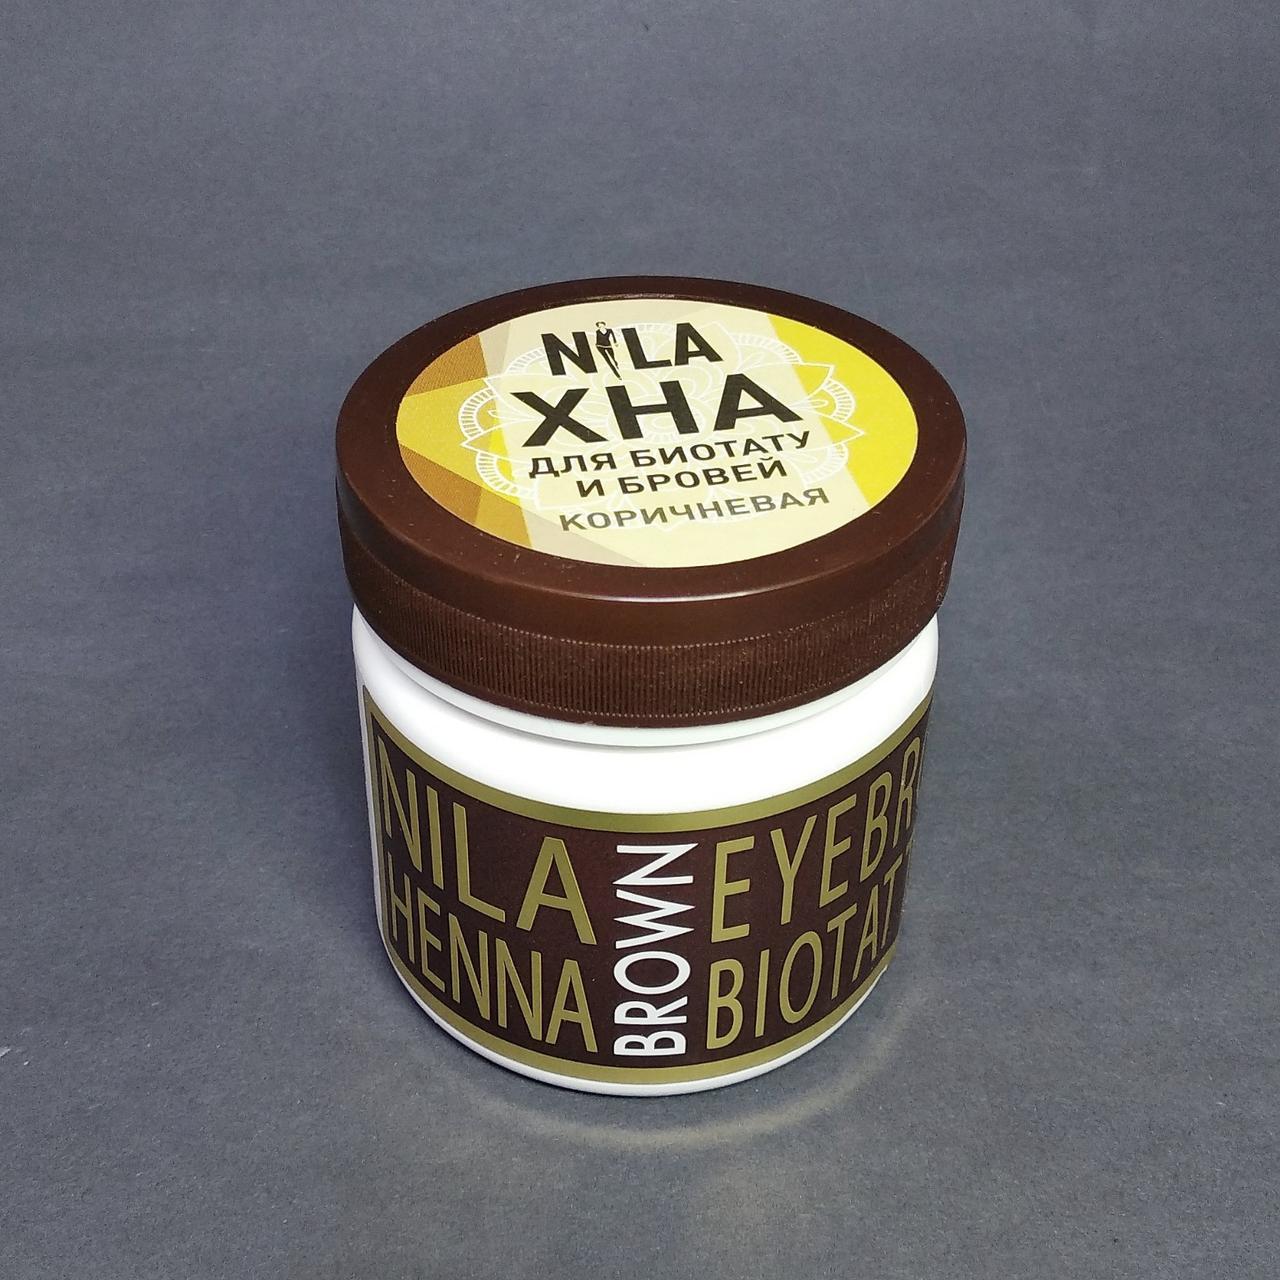 Хна для бровей и биотату коричневая Nila 100г